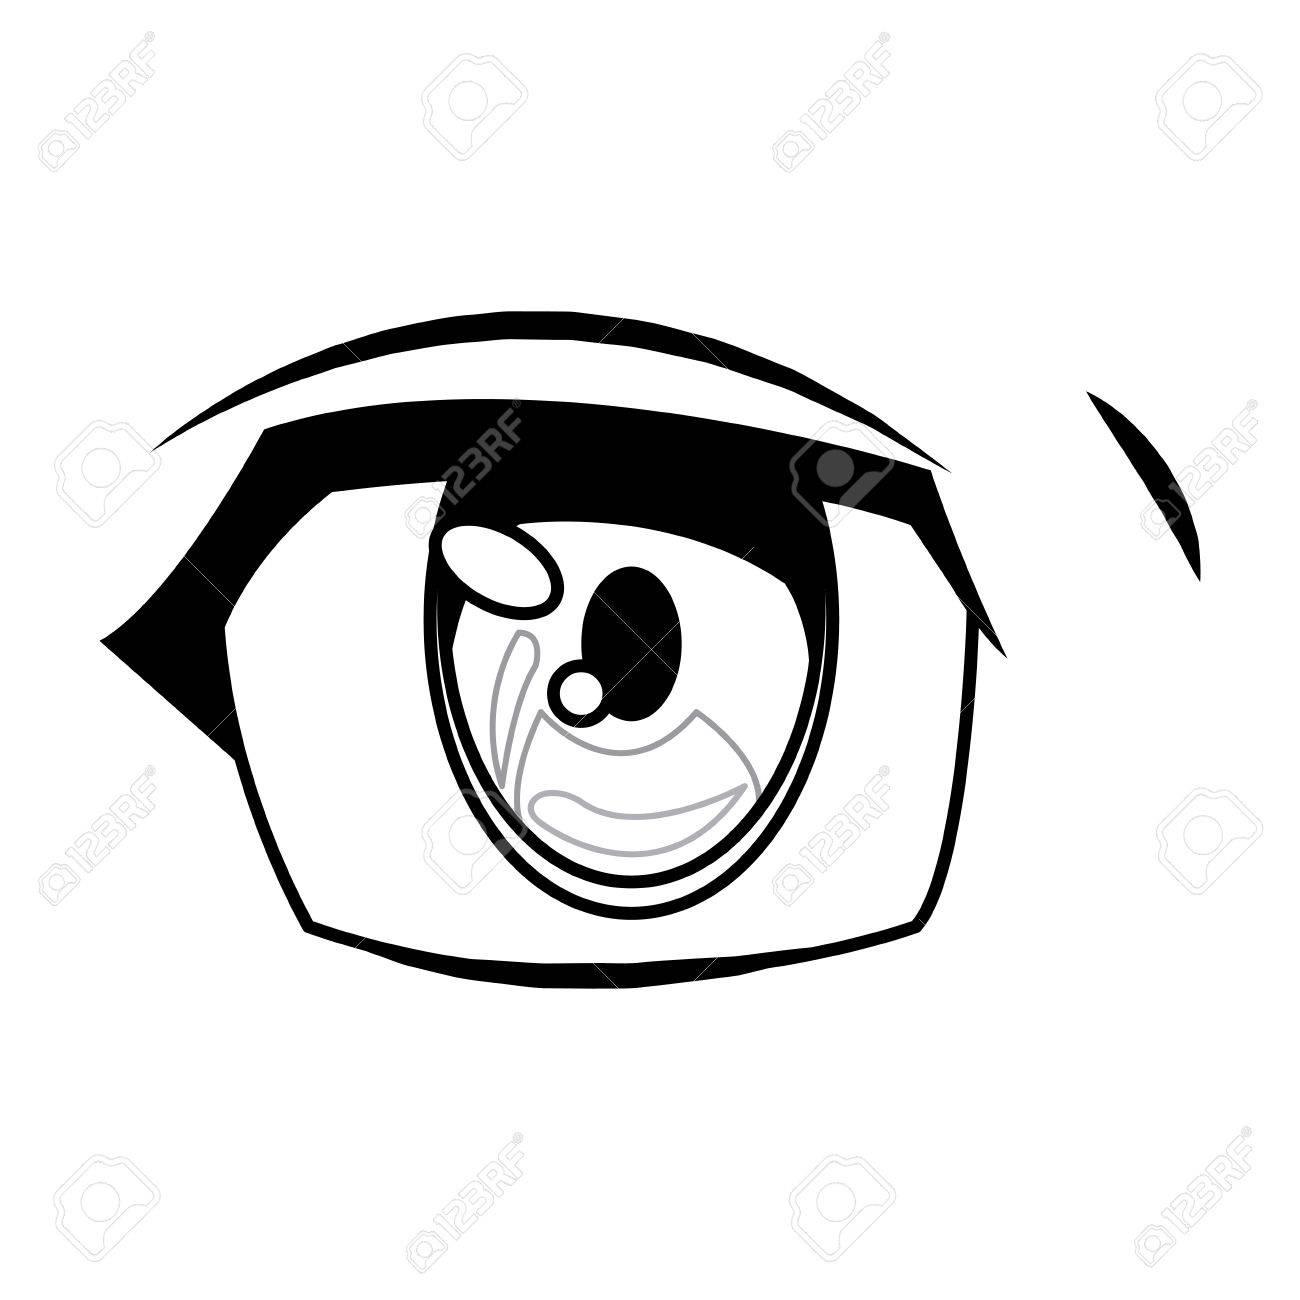 1300x1300 Anime Eye Manga Comic Expression Image Vector Illustration Royalty